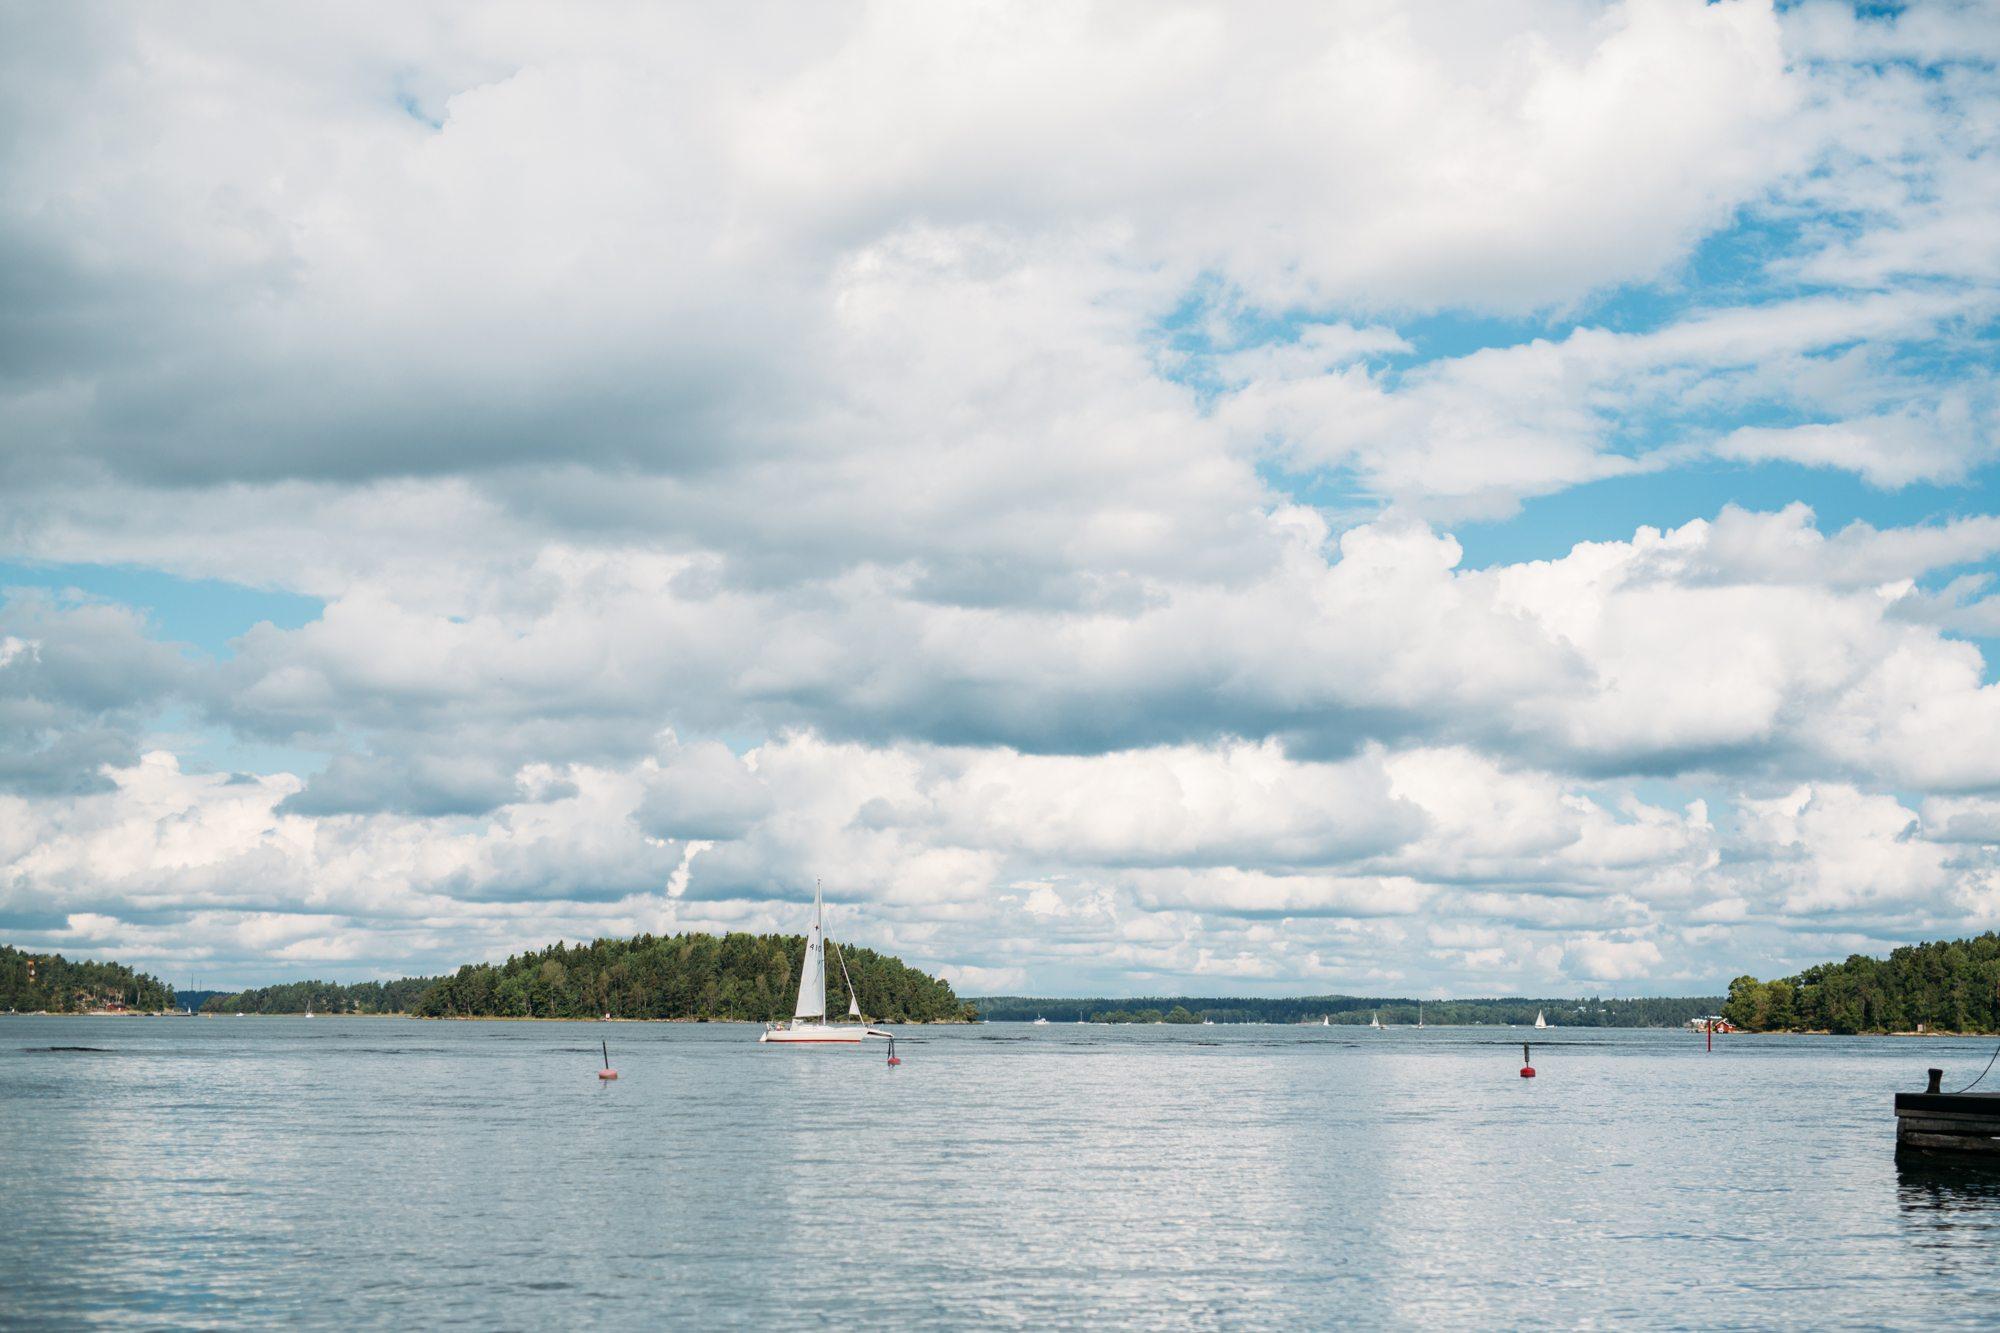 Bröllopsfotograf, Bröllop, Bröllopsfotograf Stockholm, Skärgårsbröllop